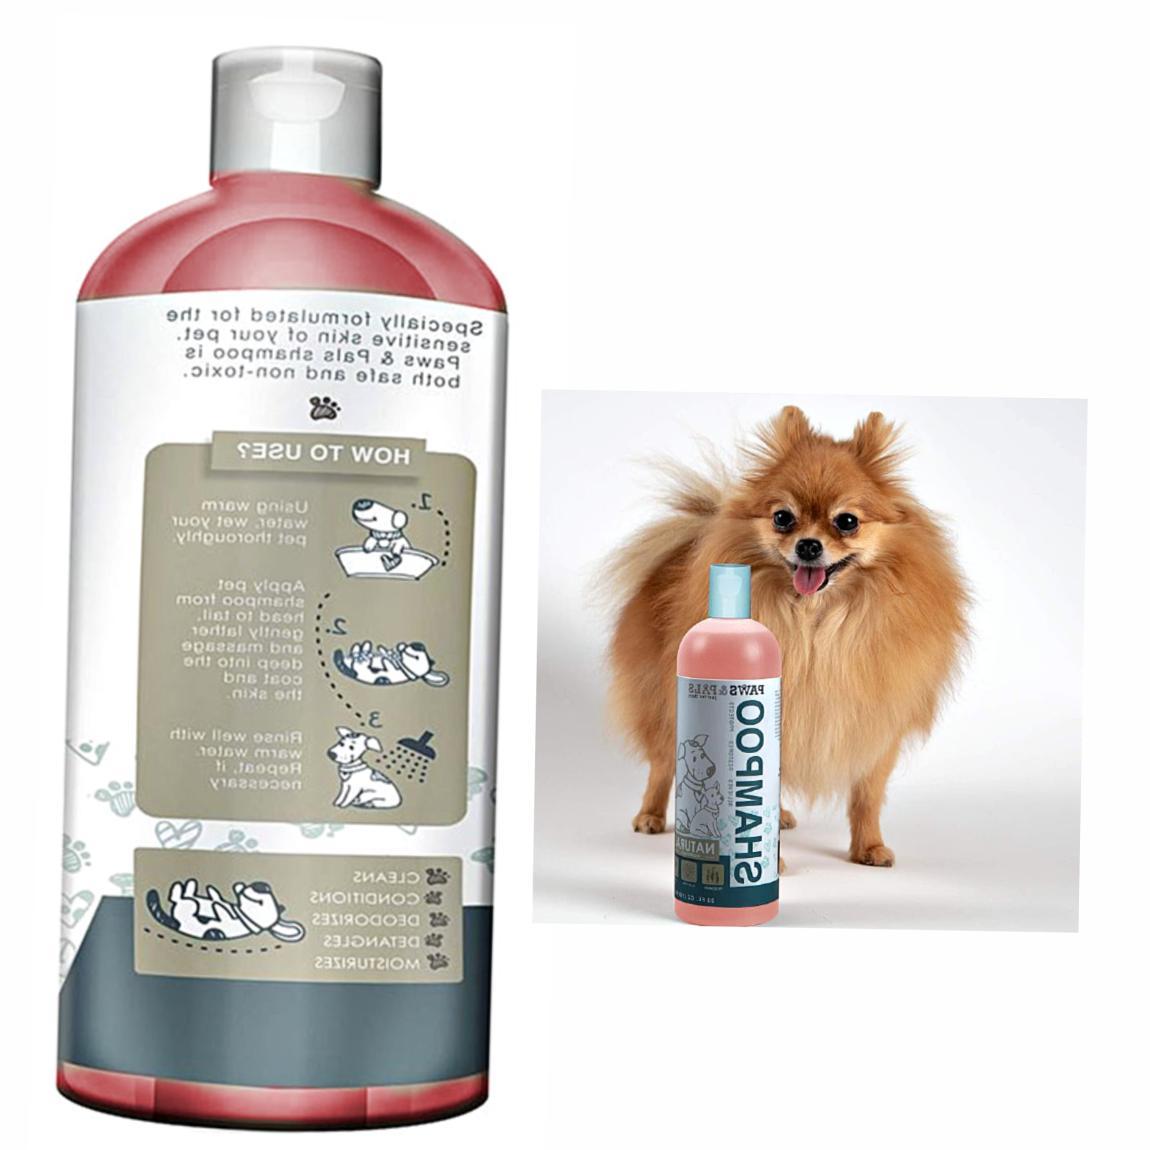 Shampoo Dry Skin Nontoxic Tearless oz